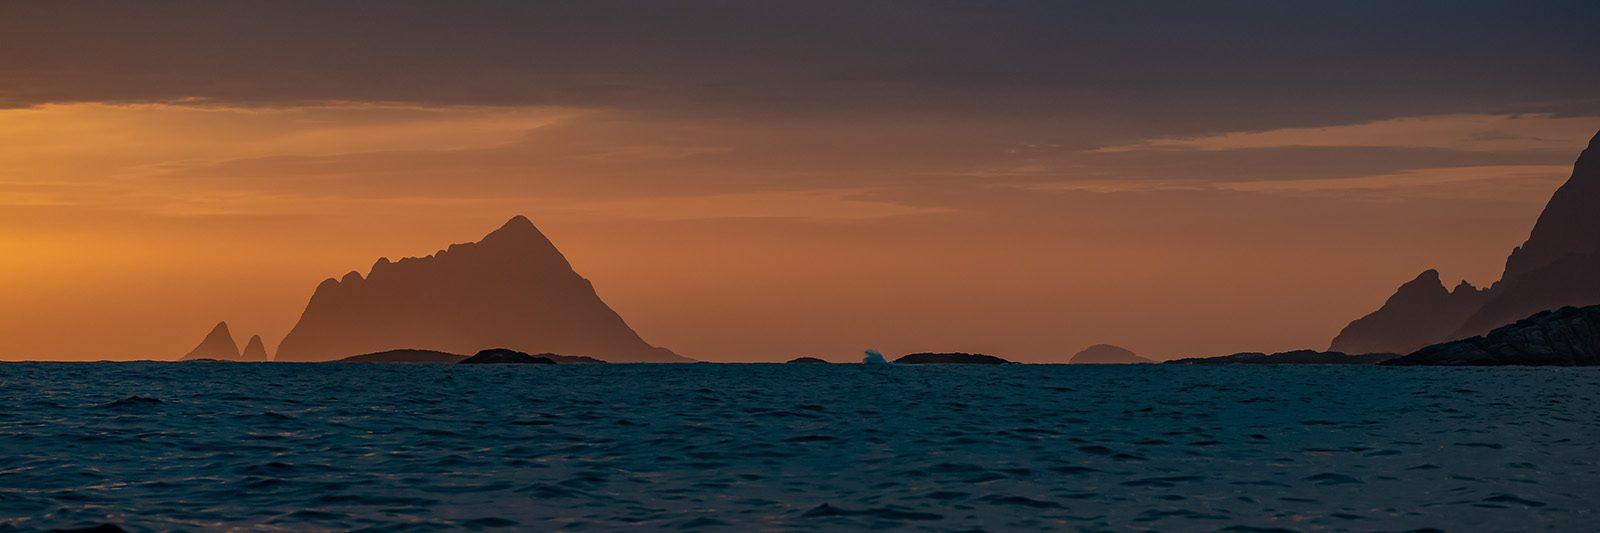 Midnattssol utenfor Tromsø I av Erling Maartmann-Moe